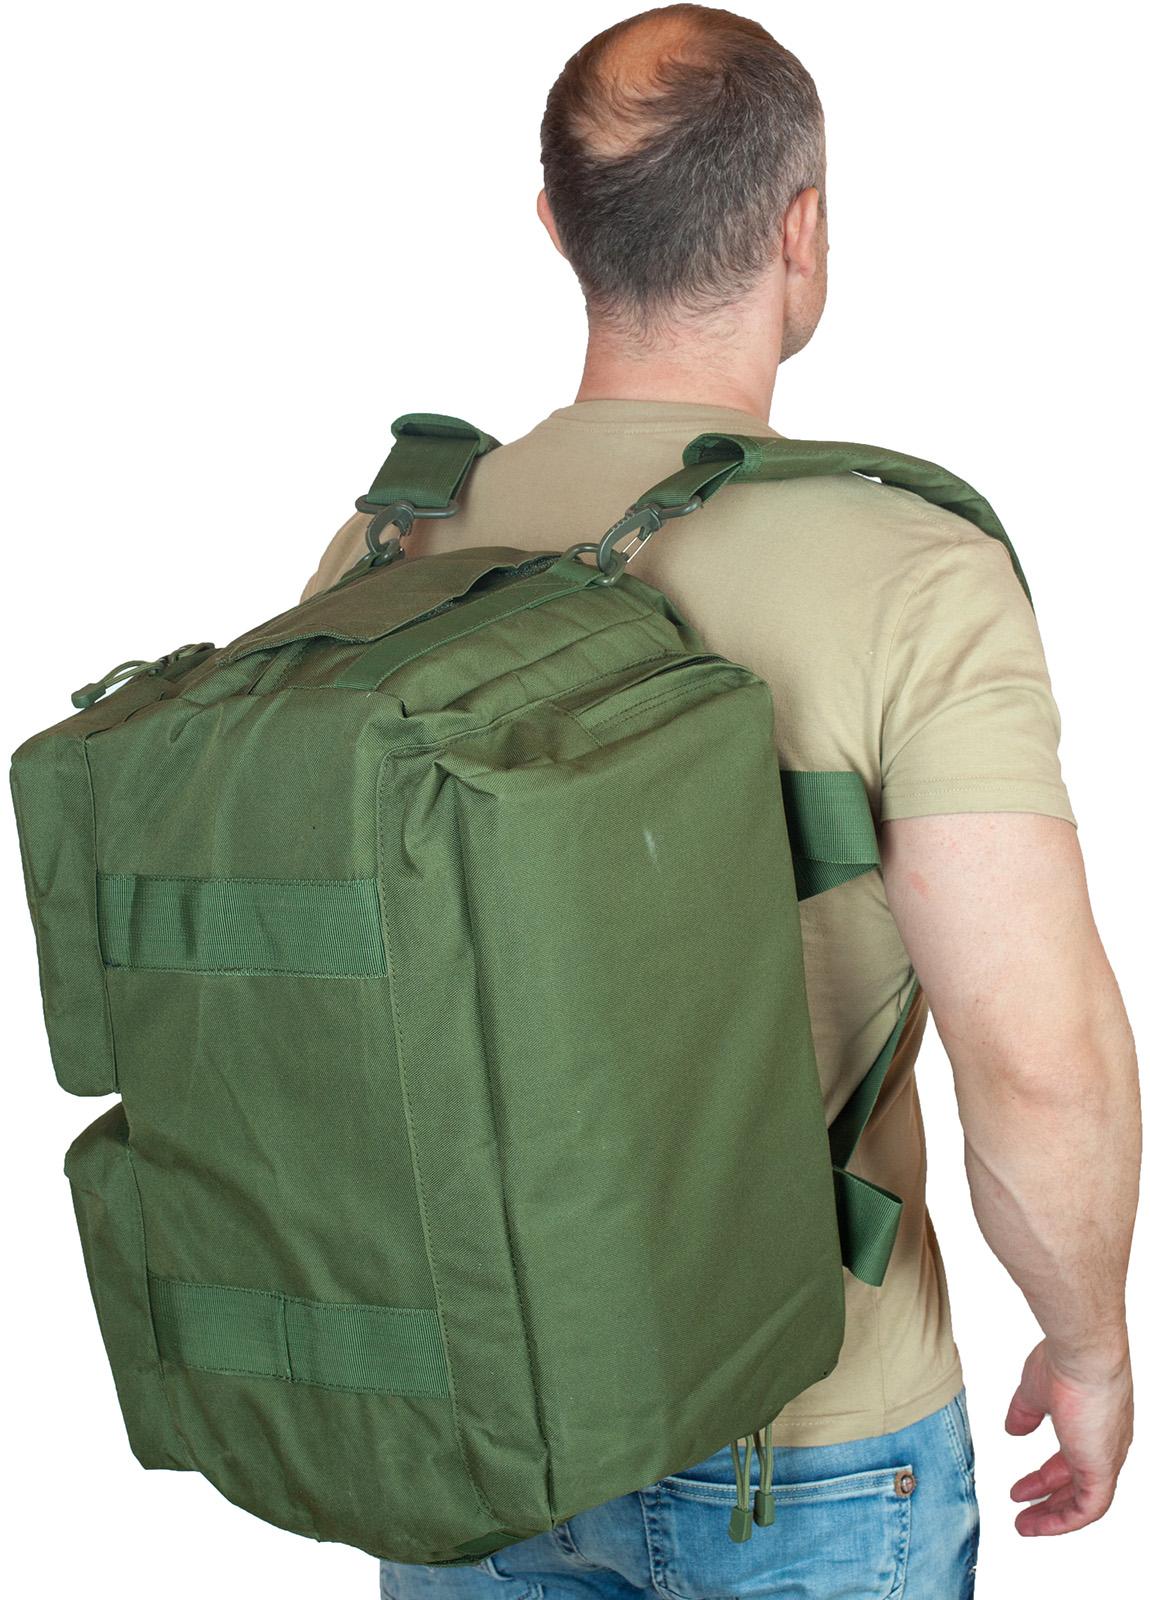 Крутая походная сумка-рюкзак с нашивкой Танковые Войска - купить в подарок